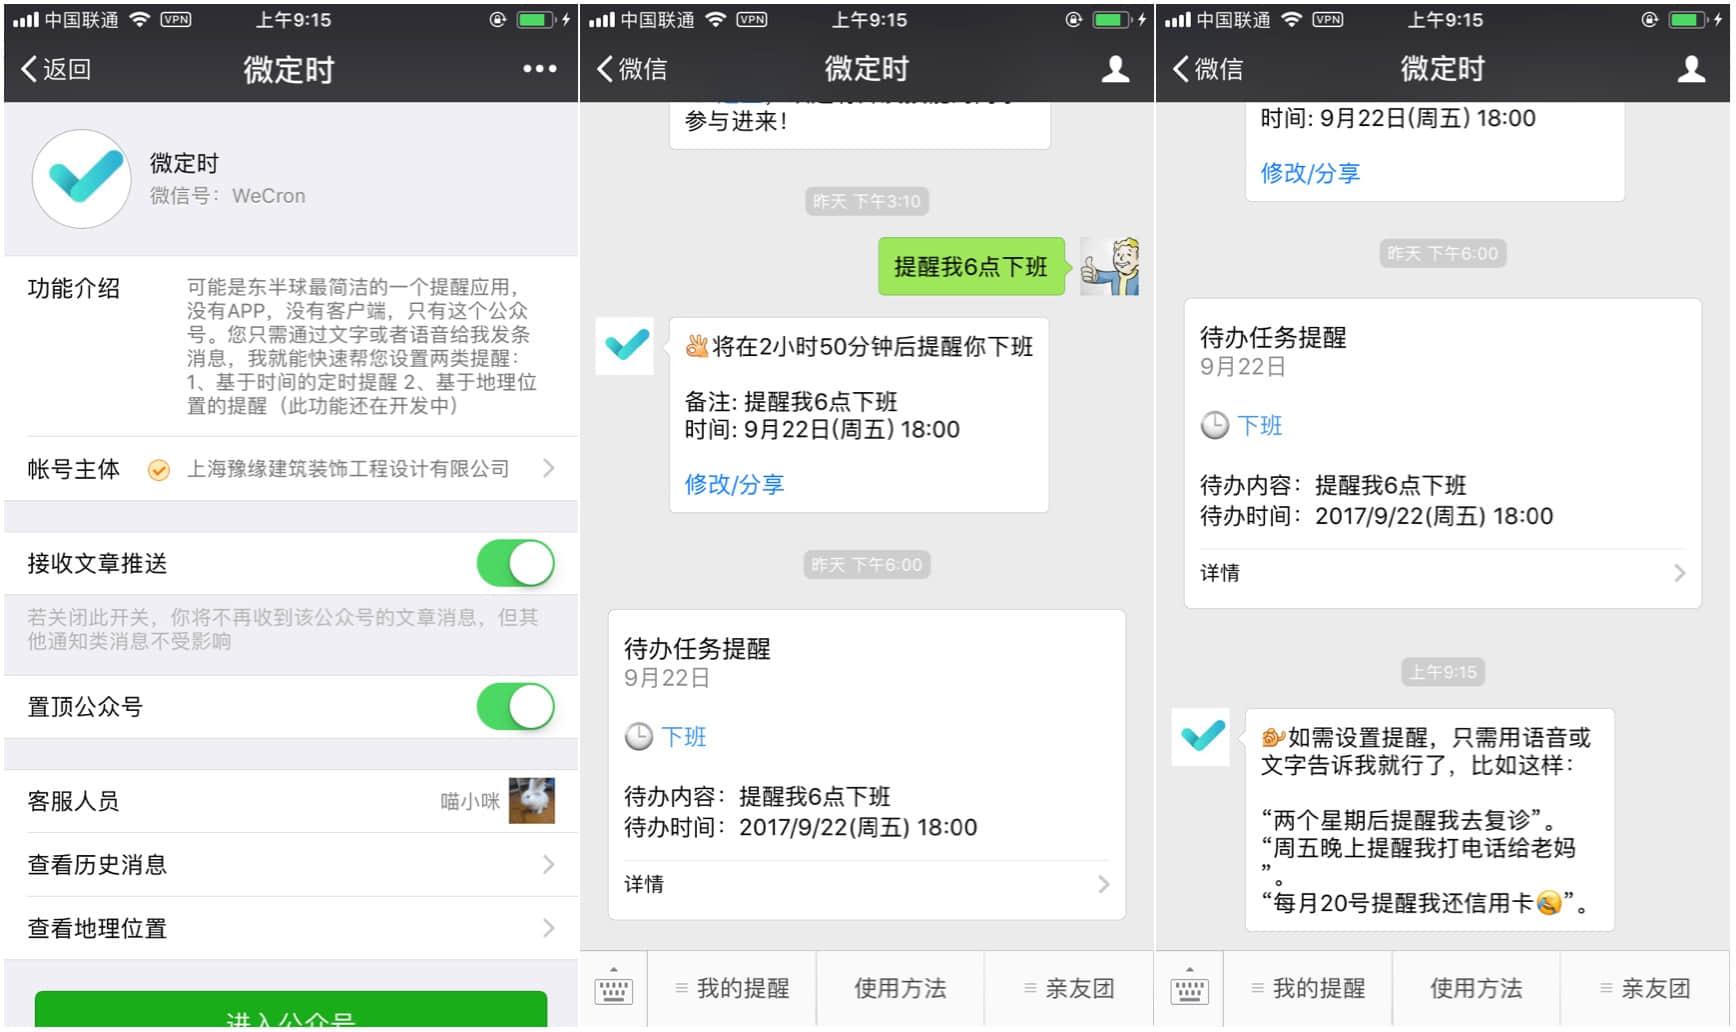 微定时:基于微信公众号平台的备忘提醒工具